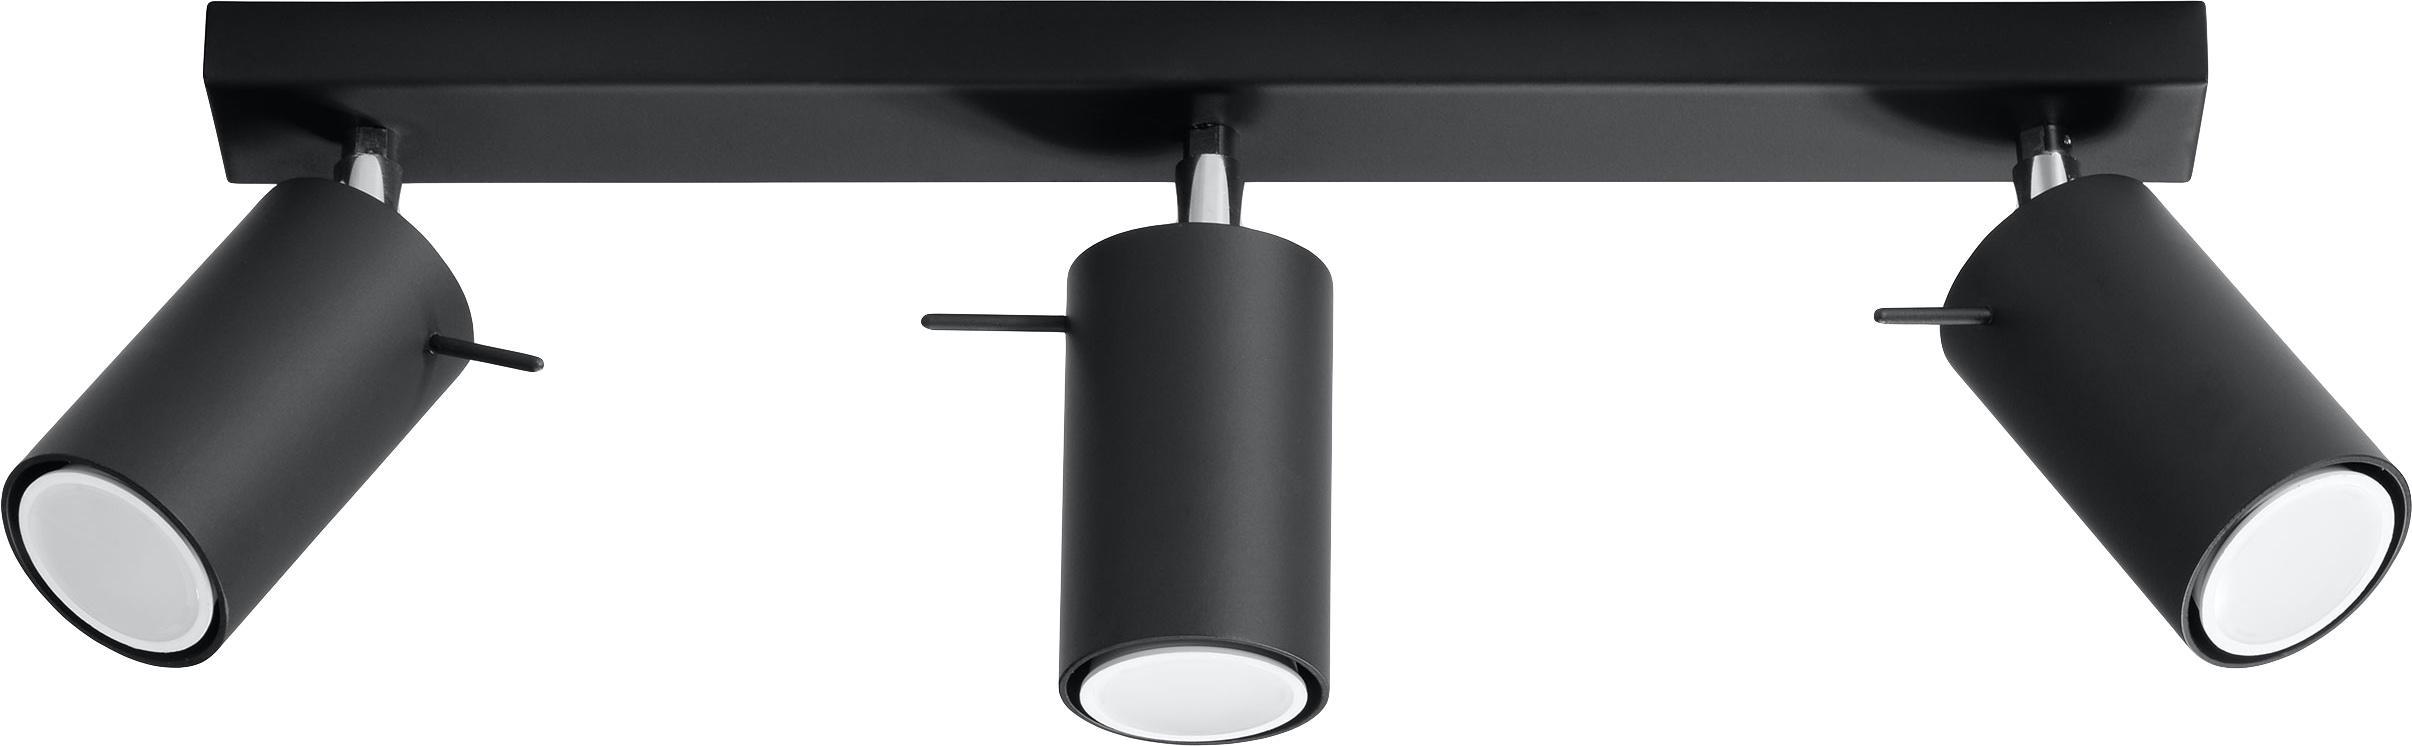 Lampa sufitowa Etna, Stal lakierowana, Czarny, S 45 x W 15 cm